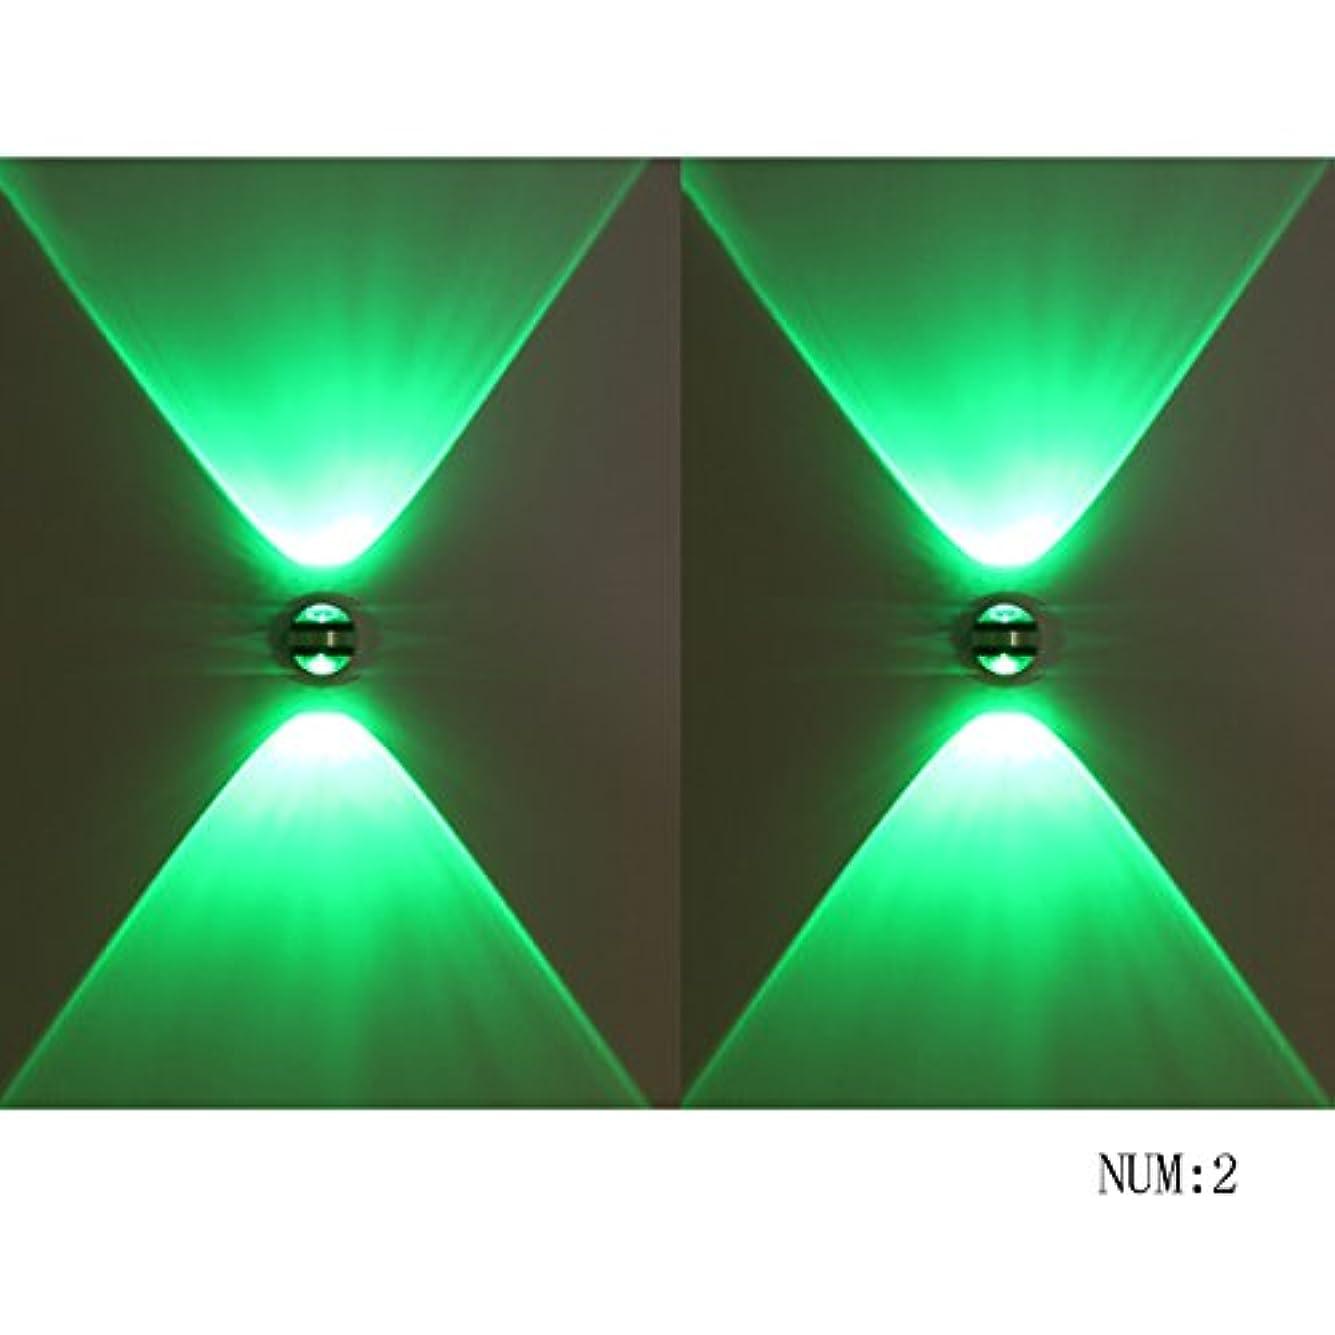 危険を冒します明らかにする語Gvqng ブラケットライト ウォールランプ 6W LED多色MINIステンレス鋼壁ランプ二方向のスポットライトリビングルームの背景ホテルバーレストランKTV360°回転可能な雰囲気壁取り付け用燭台(7色) (Color : Green)